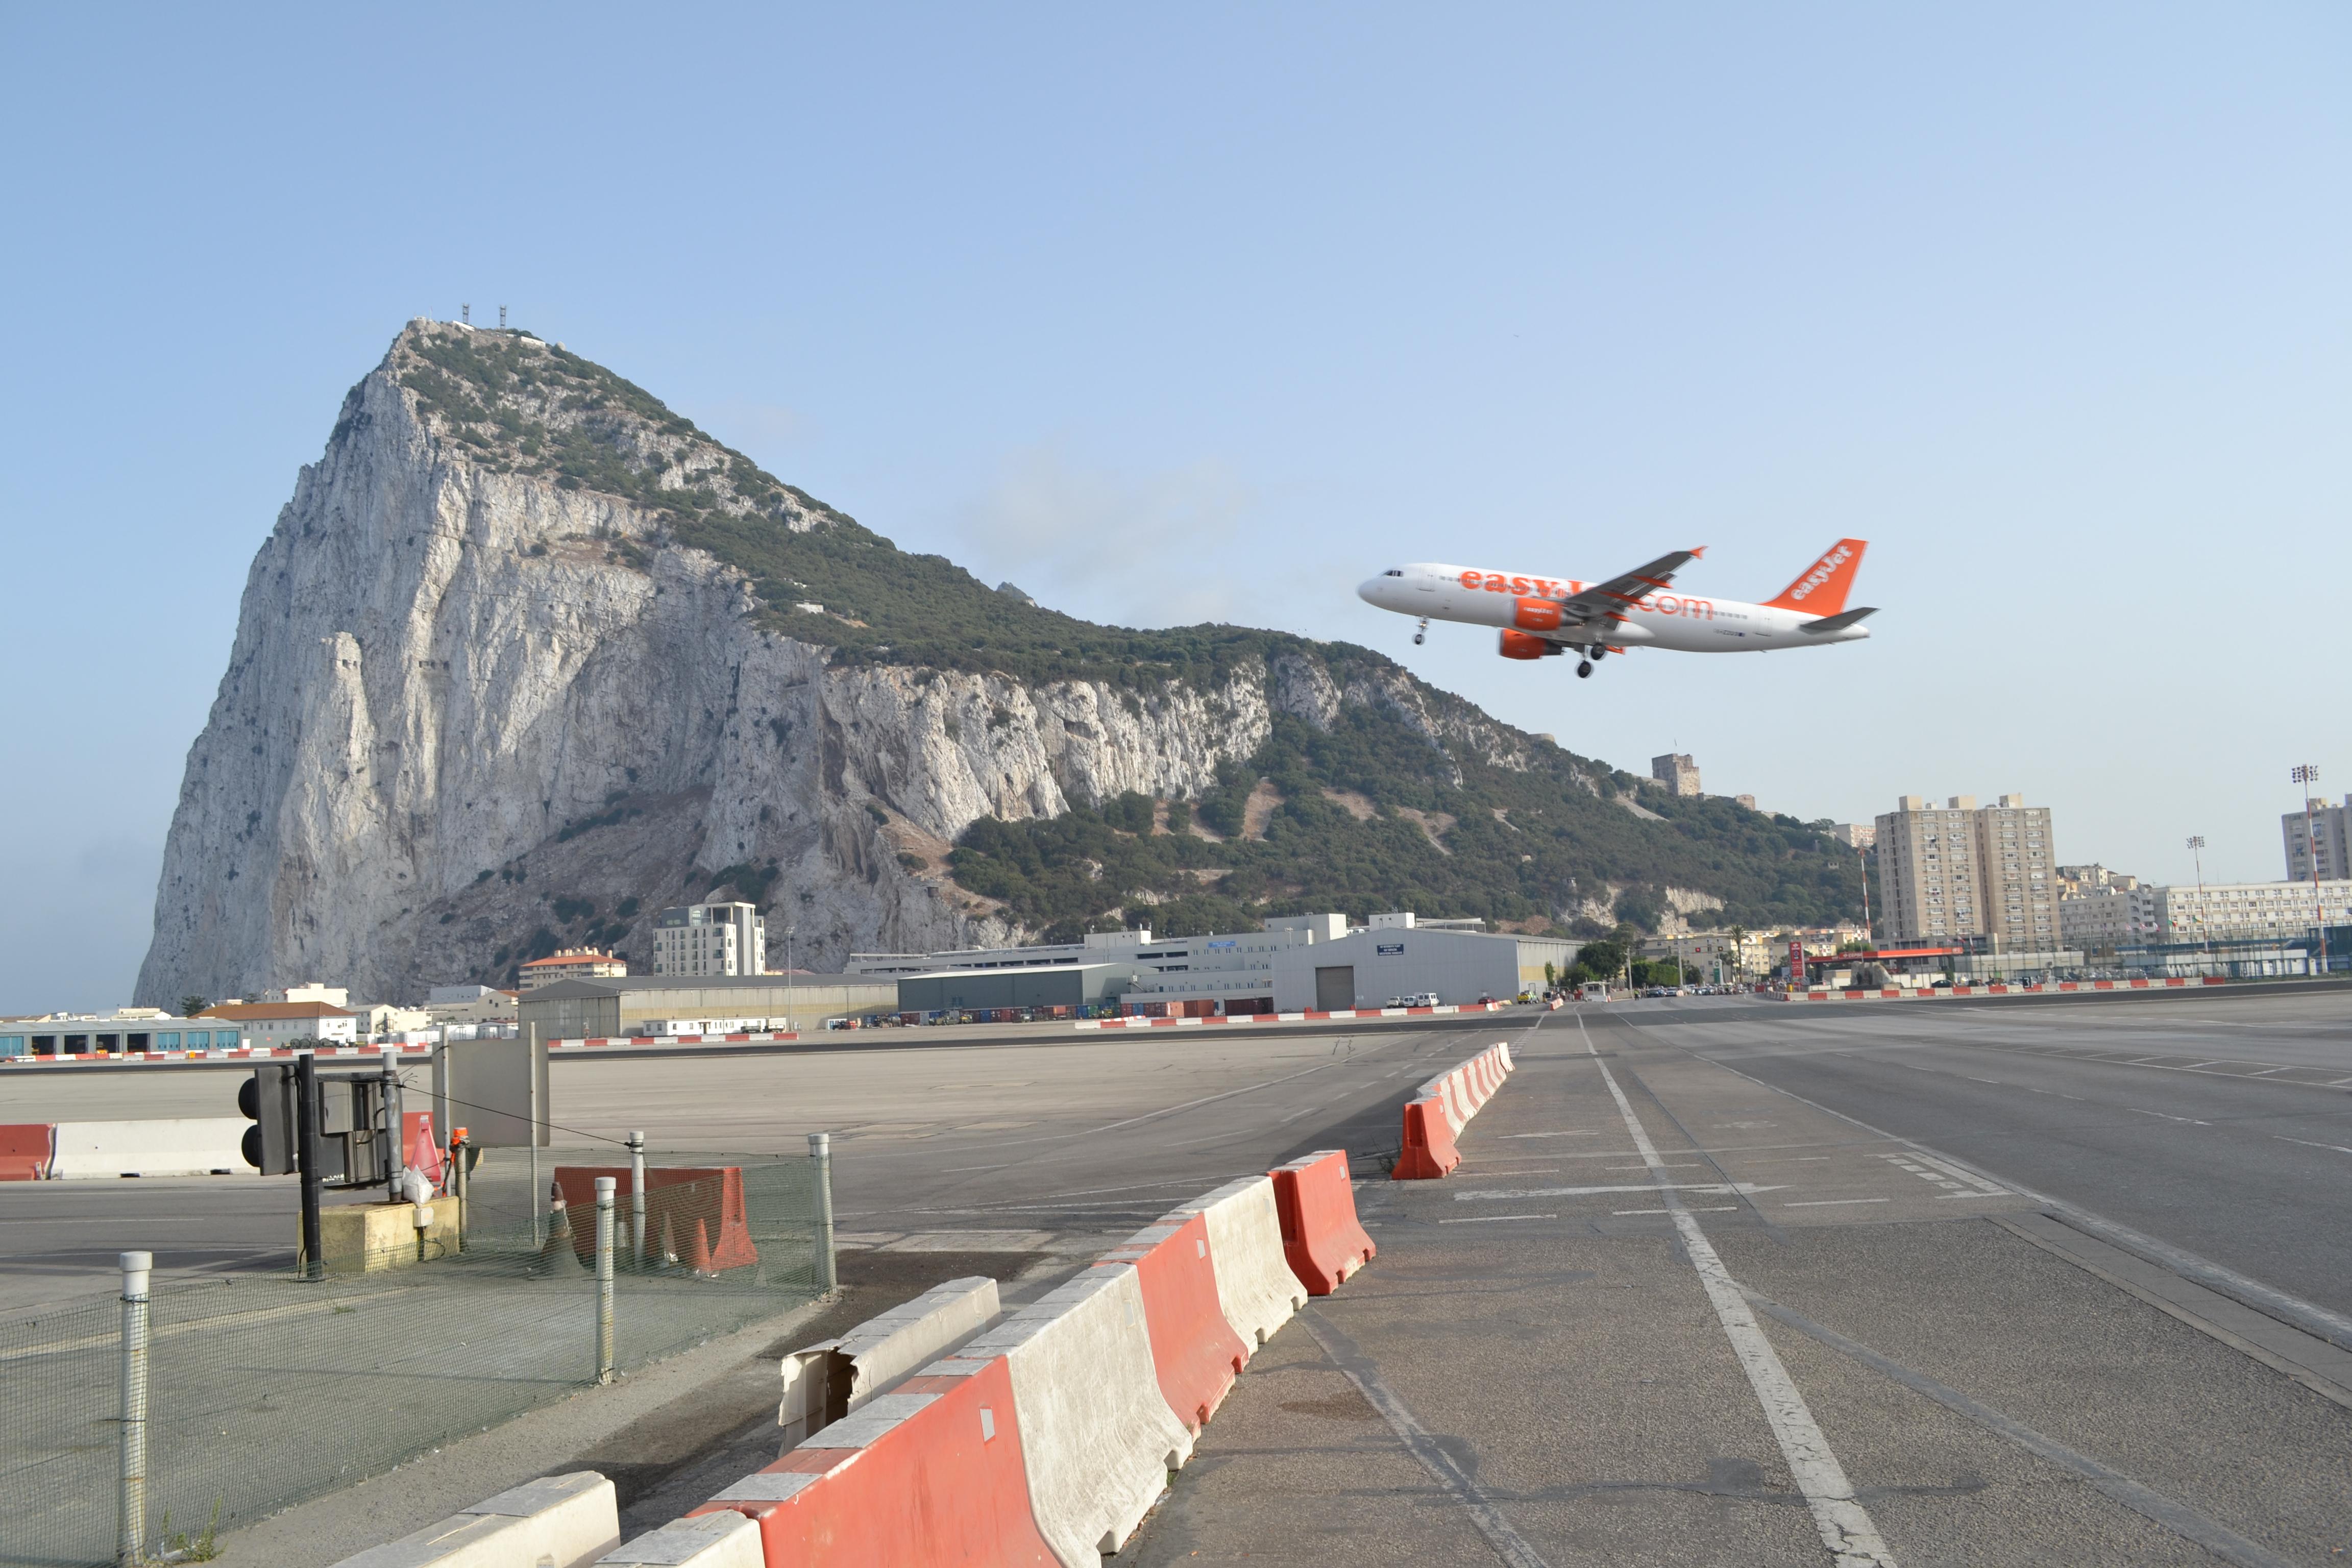 Aeroporto Gibilterra : Aeroporto gibilterra trip it easy